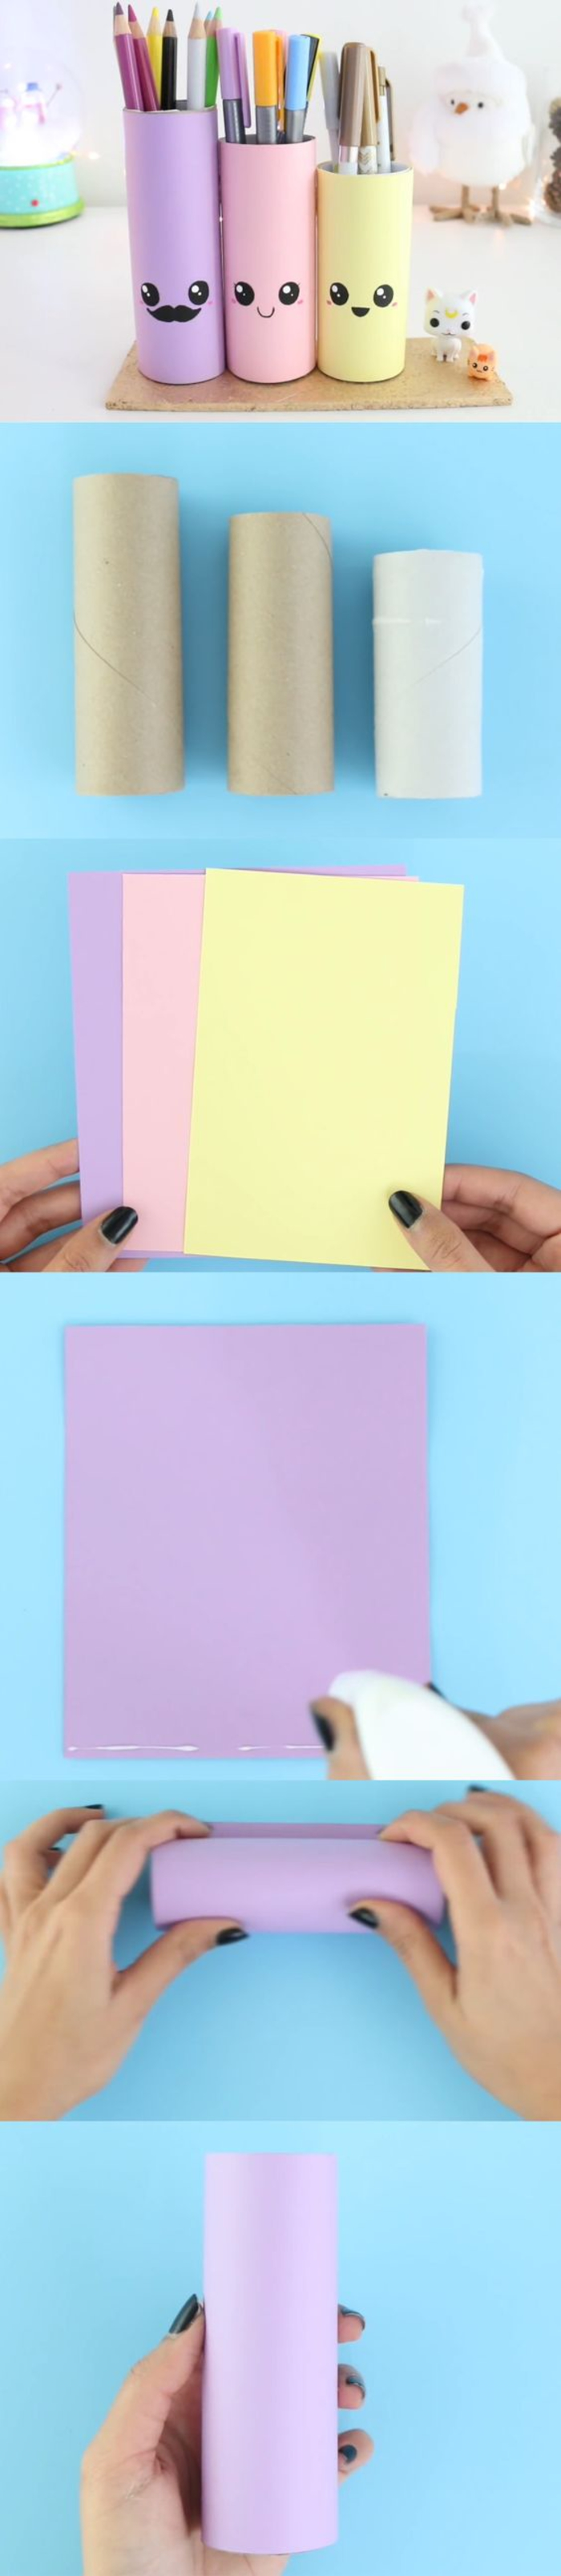 un bricolage en papier pour une rentrée de bonne humeur, un organisateur de bureau en rouleaux de papier recyclés et en papier couleur pastel